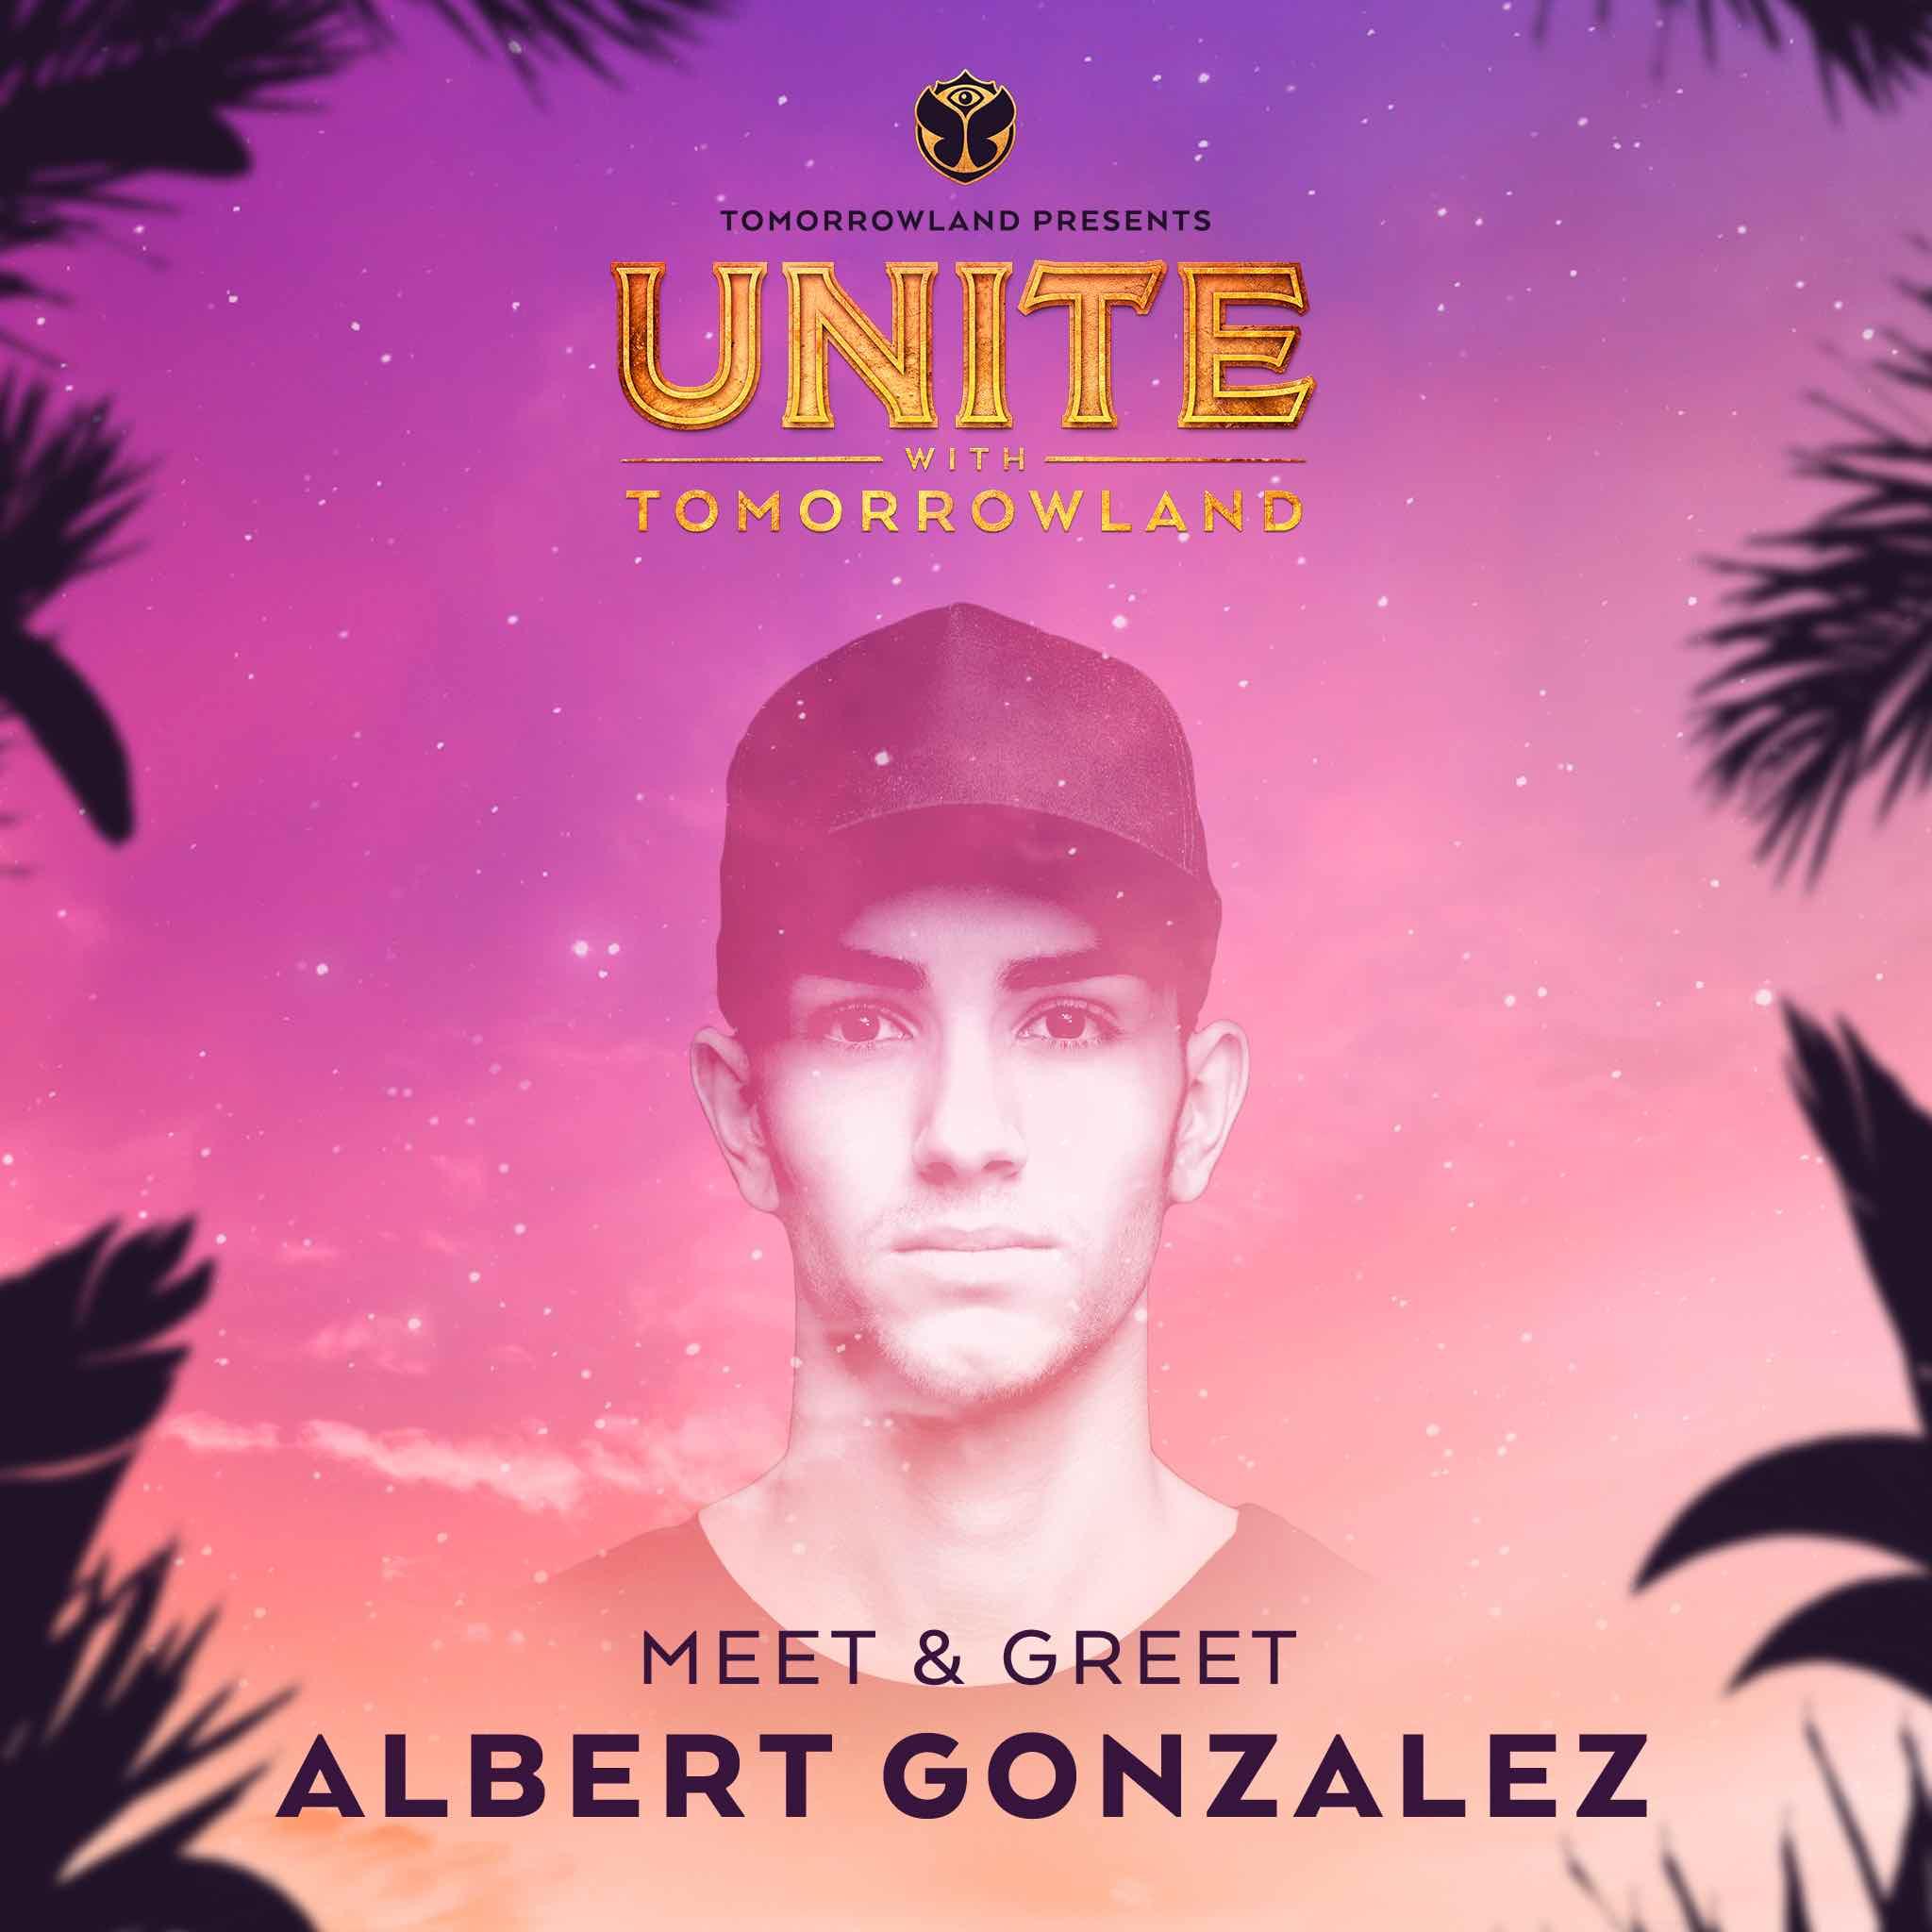 Meet & Greet con Albert Gonzalez - Si querías conocer a Albert Gonzalez, habrás participado a través de sus redes sociales.- Post en Instagram.Pues hemos reunido a todos los fanáticos del artista y un software se ha encargado de escoger un nombre aleatorio. Si este es tu nombre, es que te hemos enviado un correo con las instrucciones. ¡Nos vemos en UNITE!Ganadores:🏆 @nelixgo (a través del Instagram)🏆 @yae_rom (a través del Instagram)